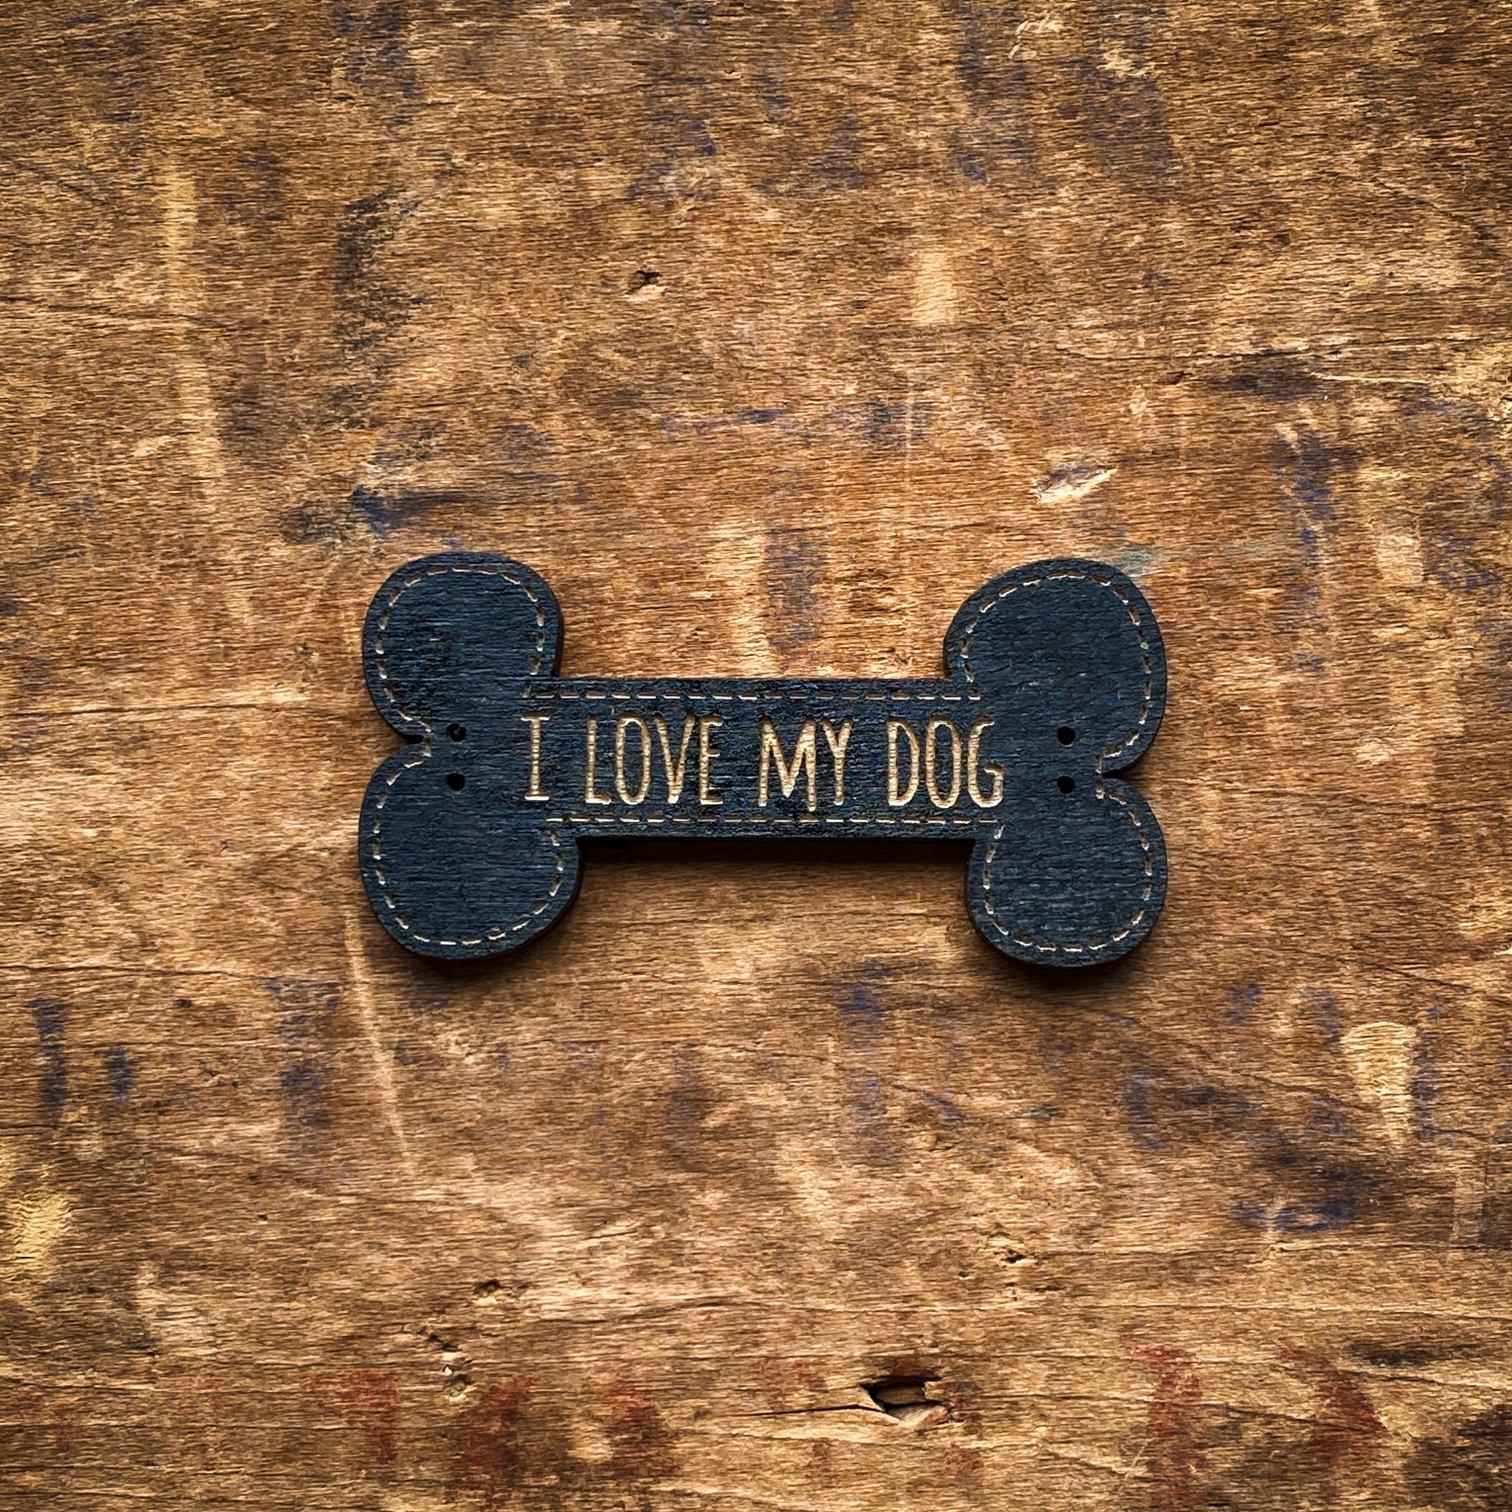 I Love My Dog Bone Buttons